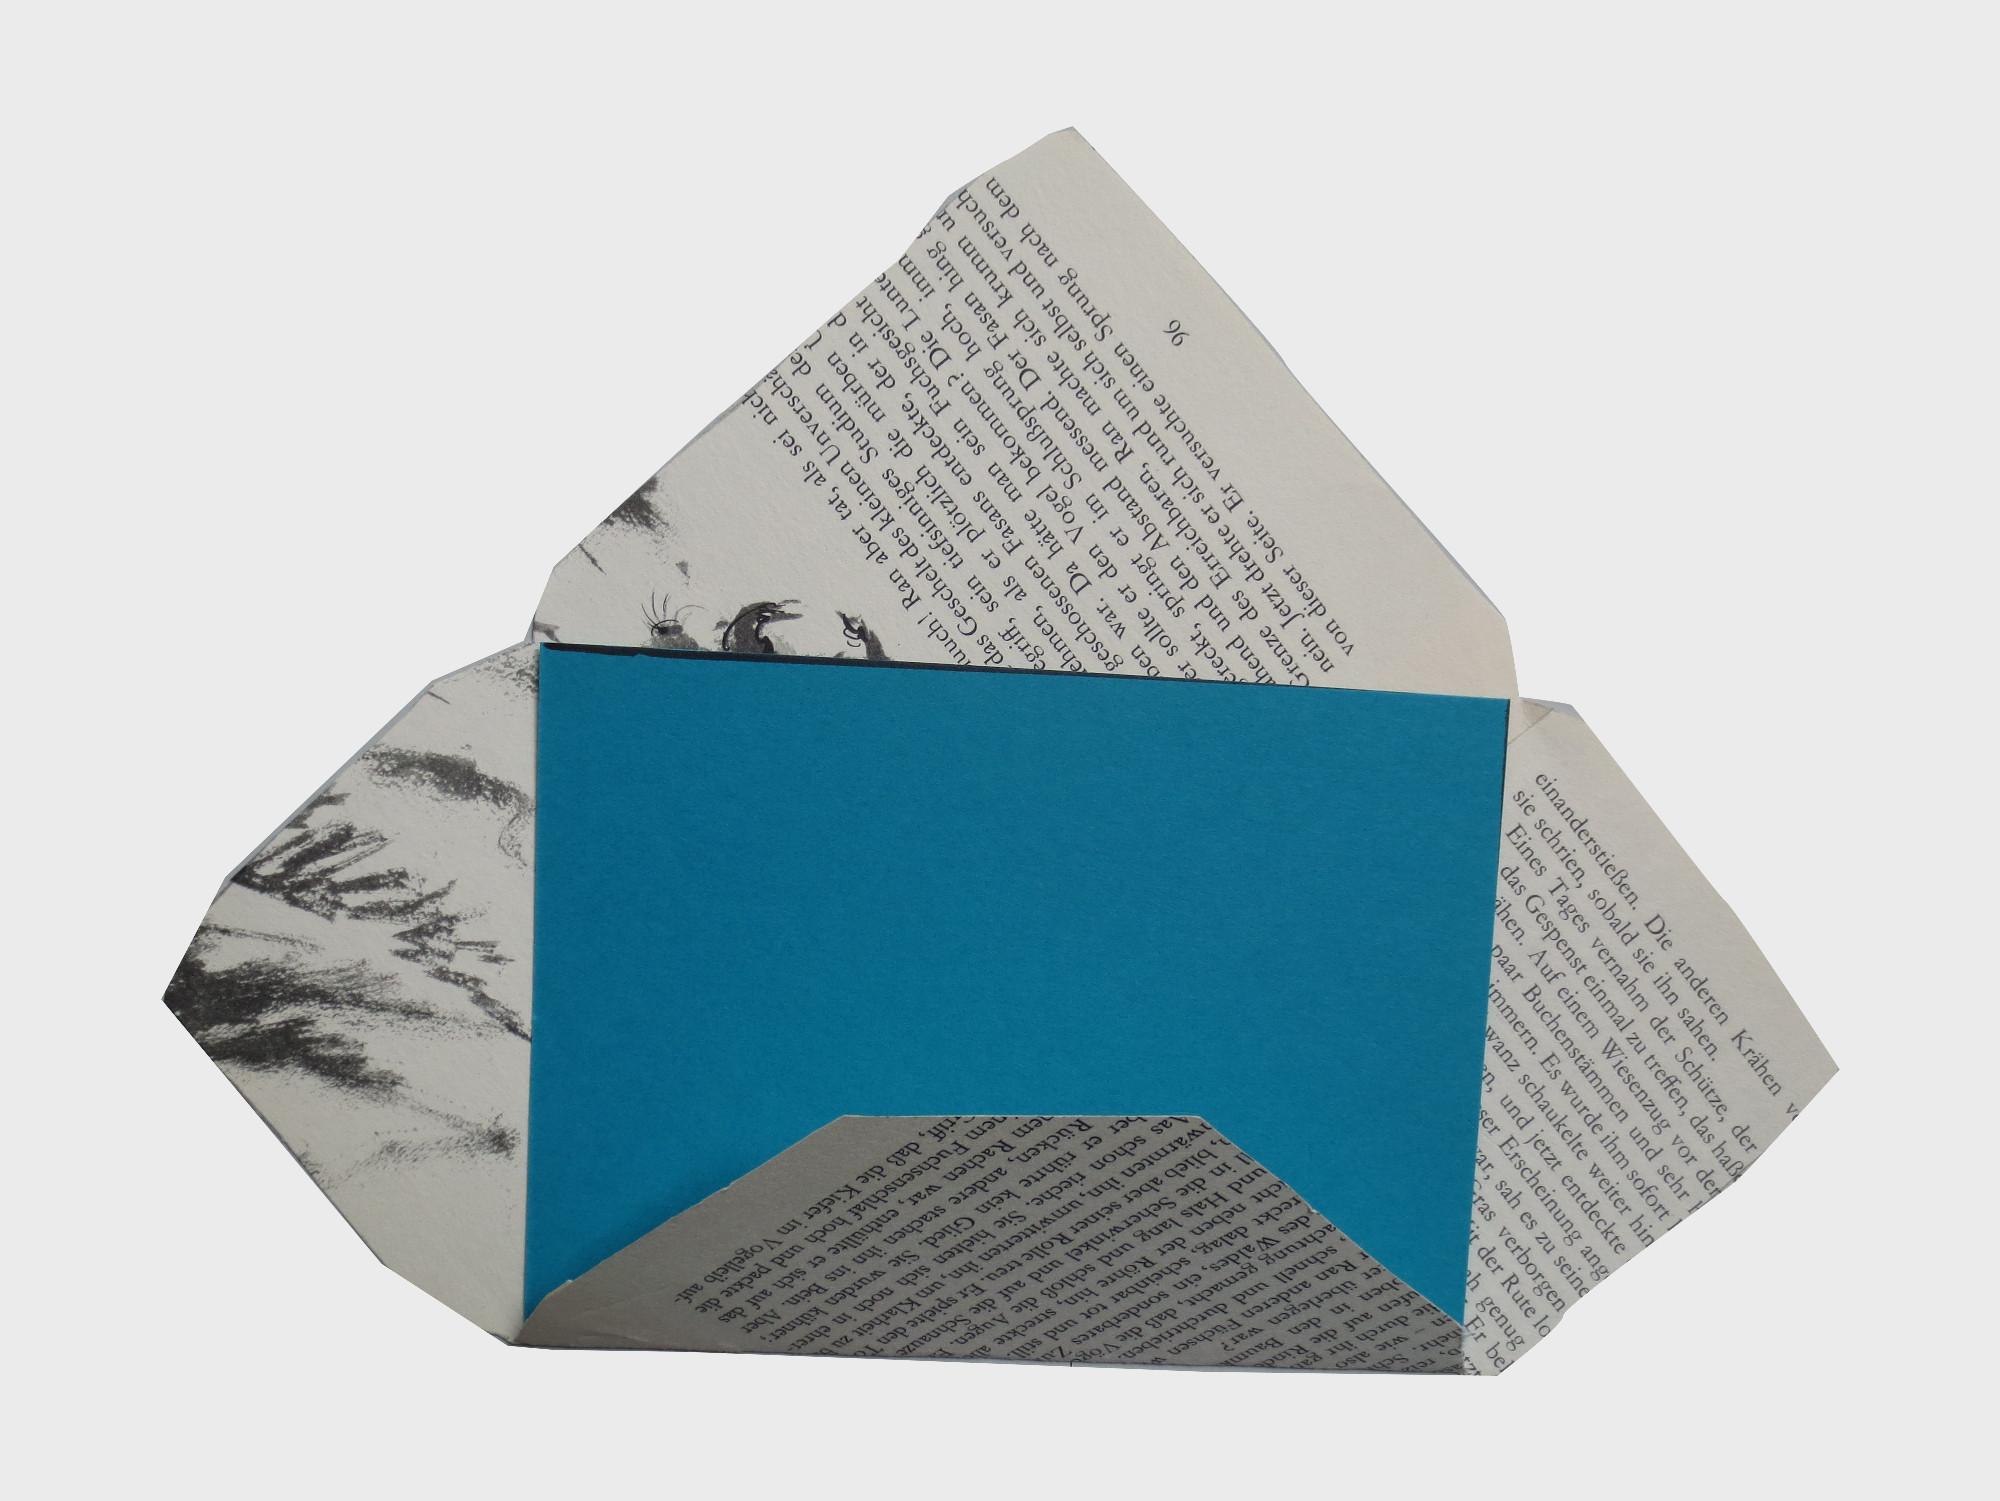 Aus einer alten, zerliebten Buchseite entsteht ein Briefumschlag und so wird eine neue Geschichte erzählt